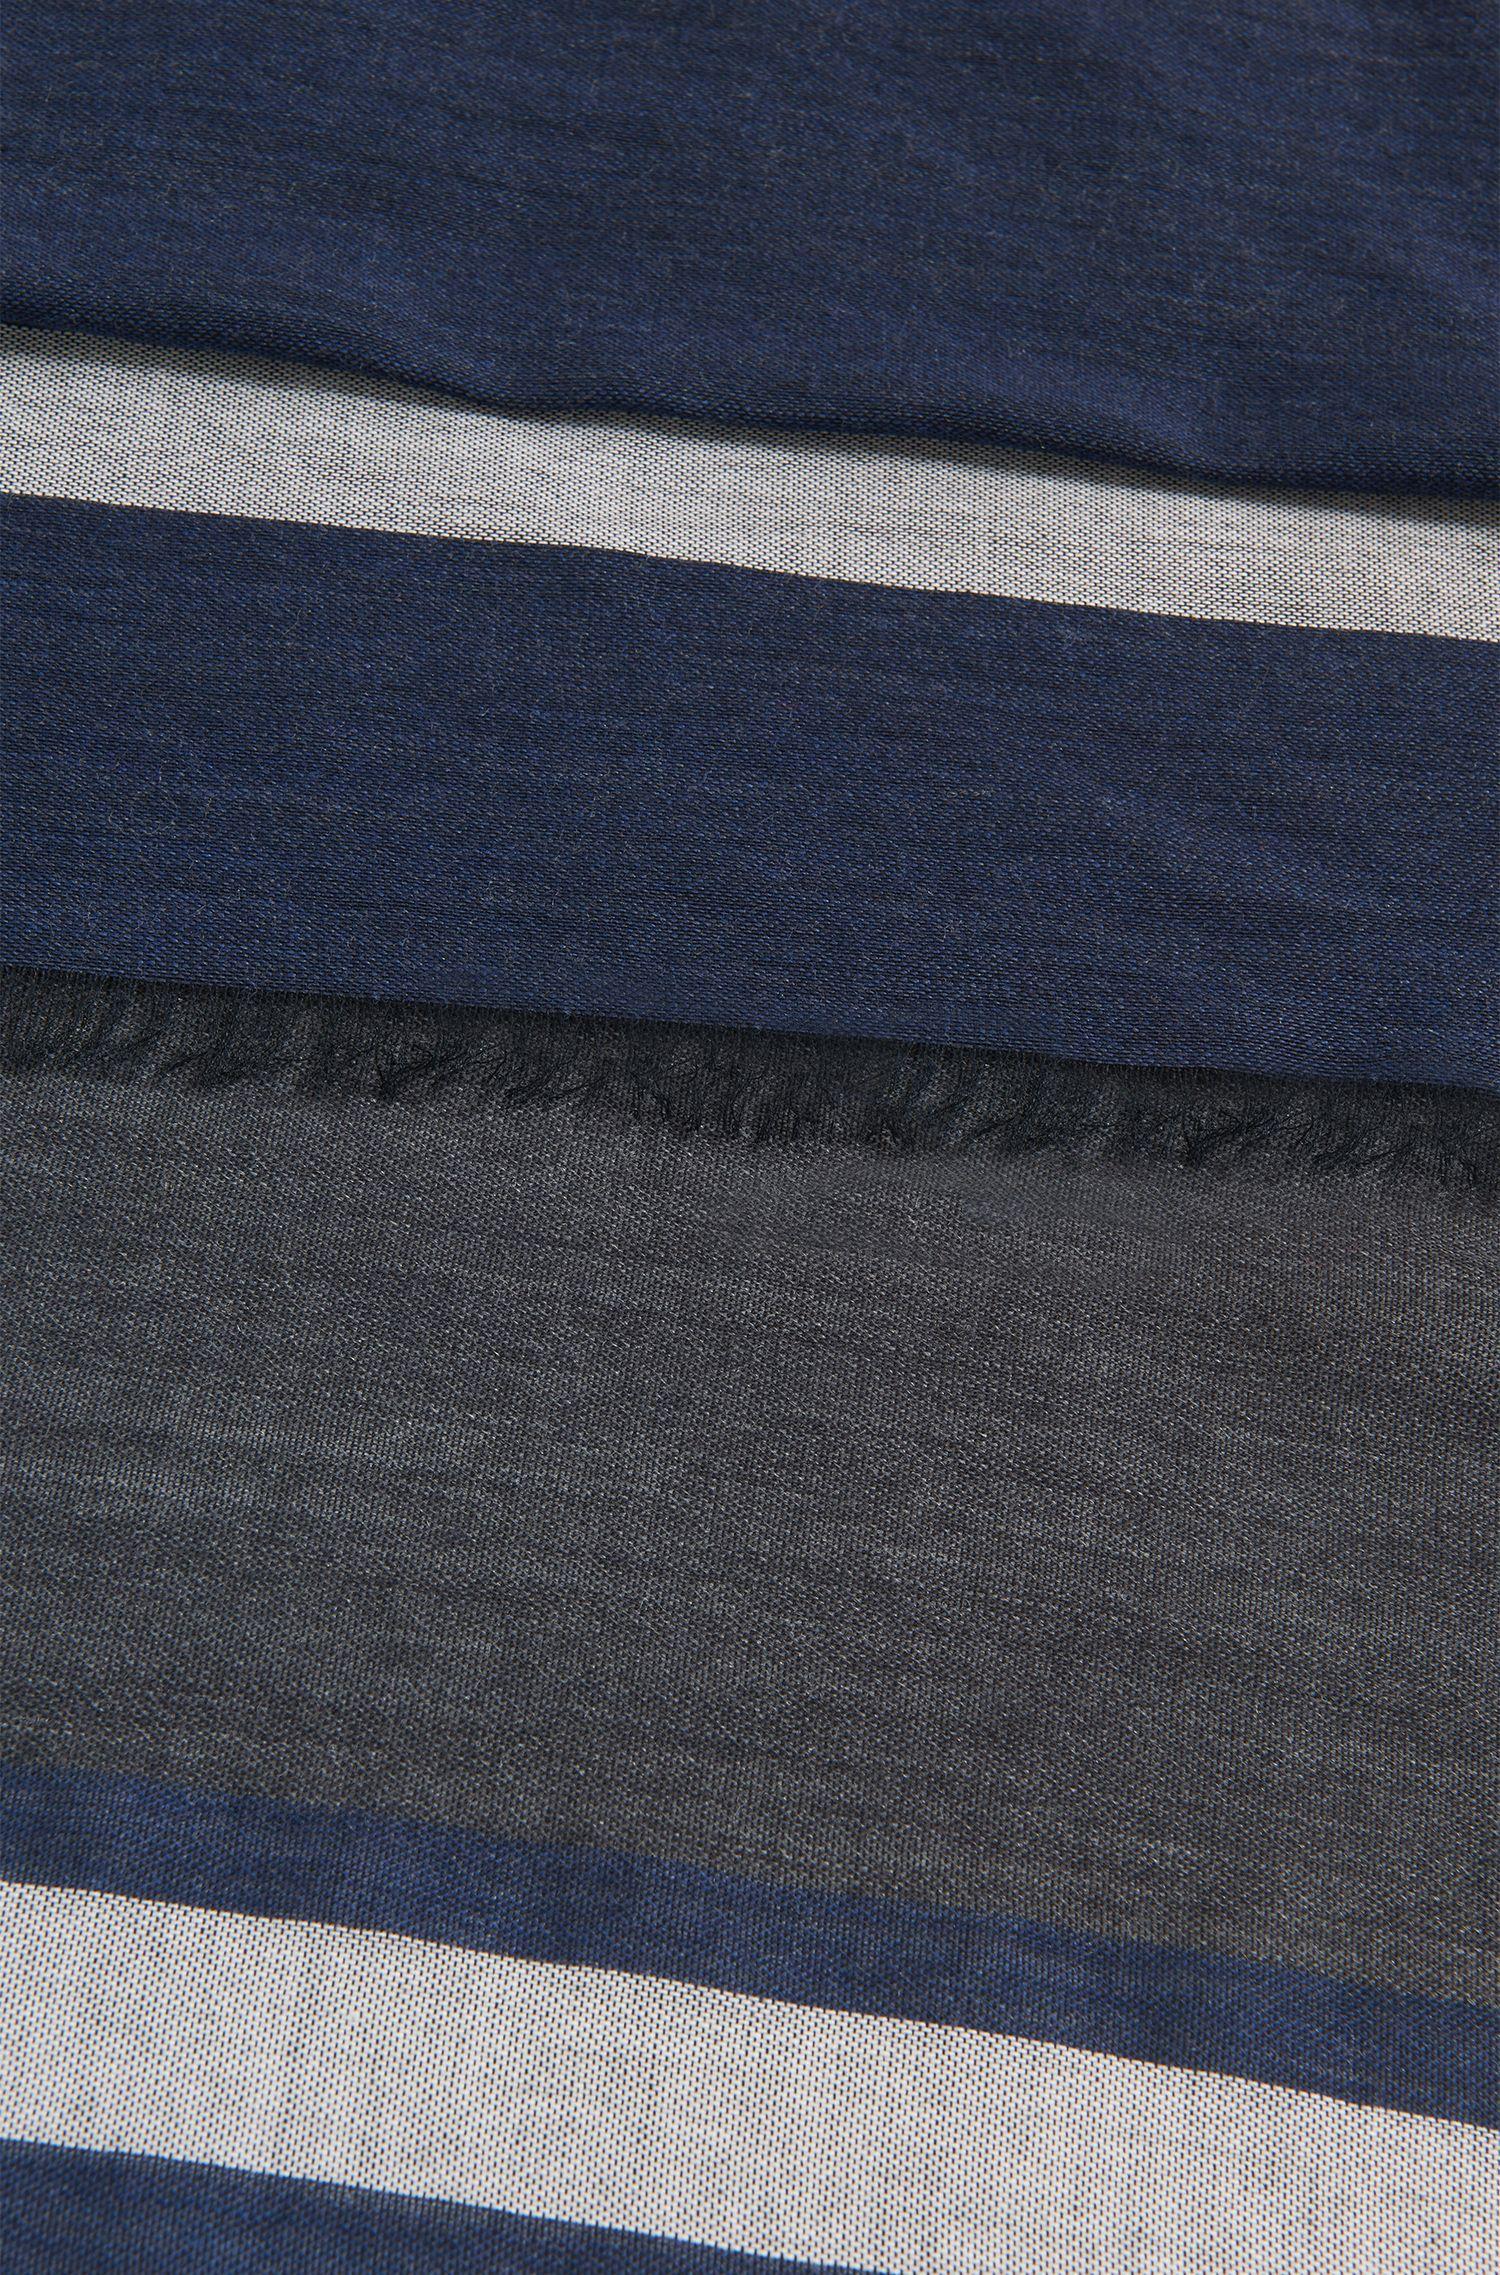 Écharpe légère en fine laine vierge mélangée